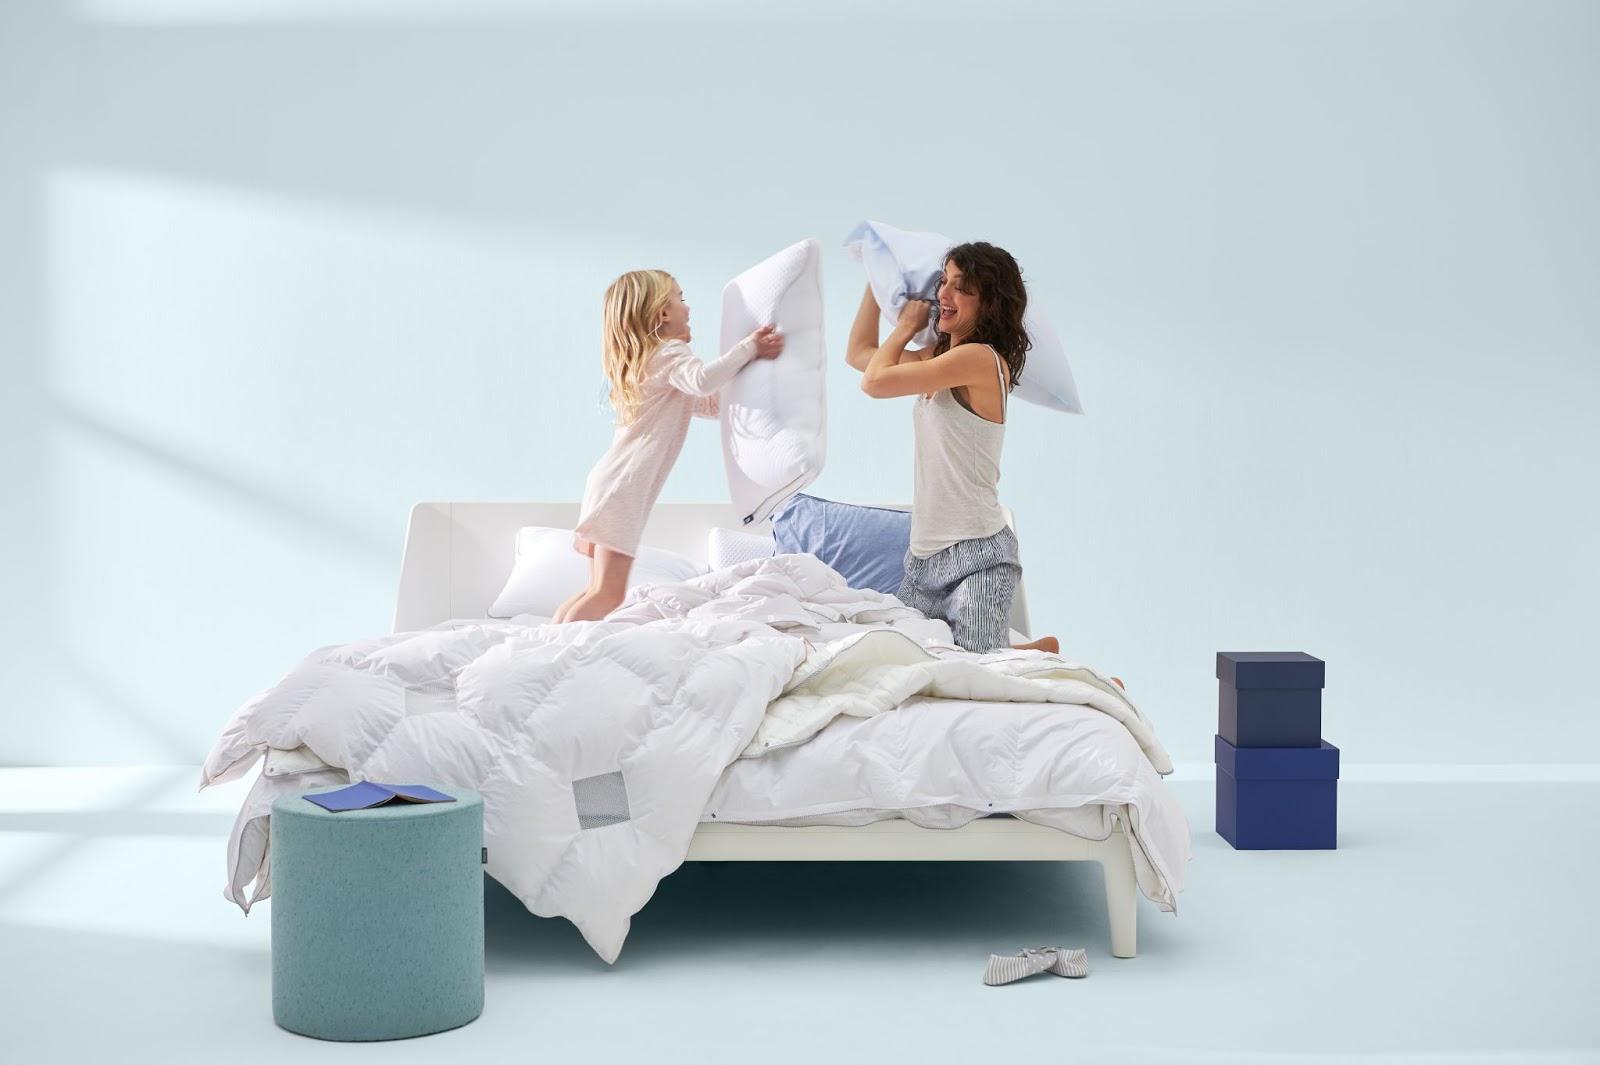 20 benefícios do sono que refletem na saúde e bem-estar